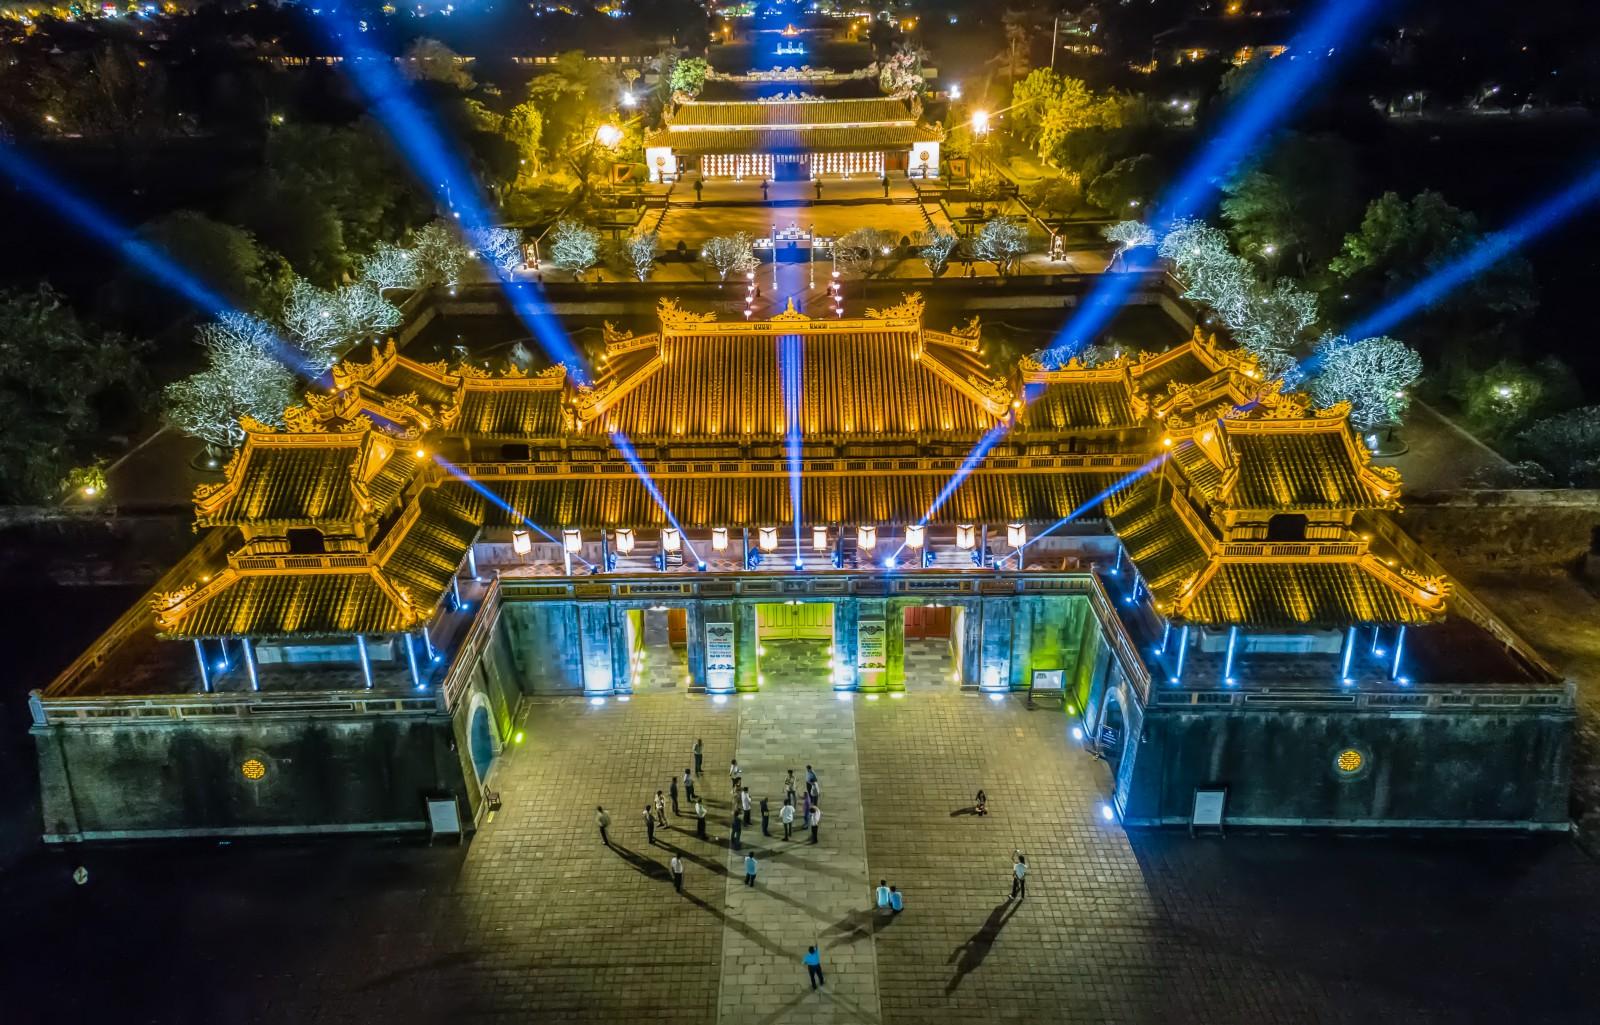 Ngọ môn huế về đêm, cánh cổng là hình ảnh của Huế cũng là nơi khách đi vào tham quan đại nội.